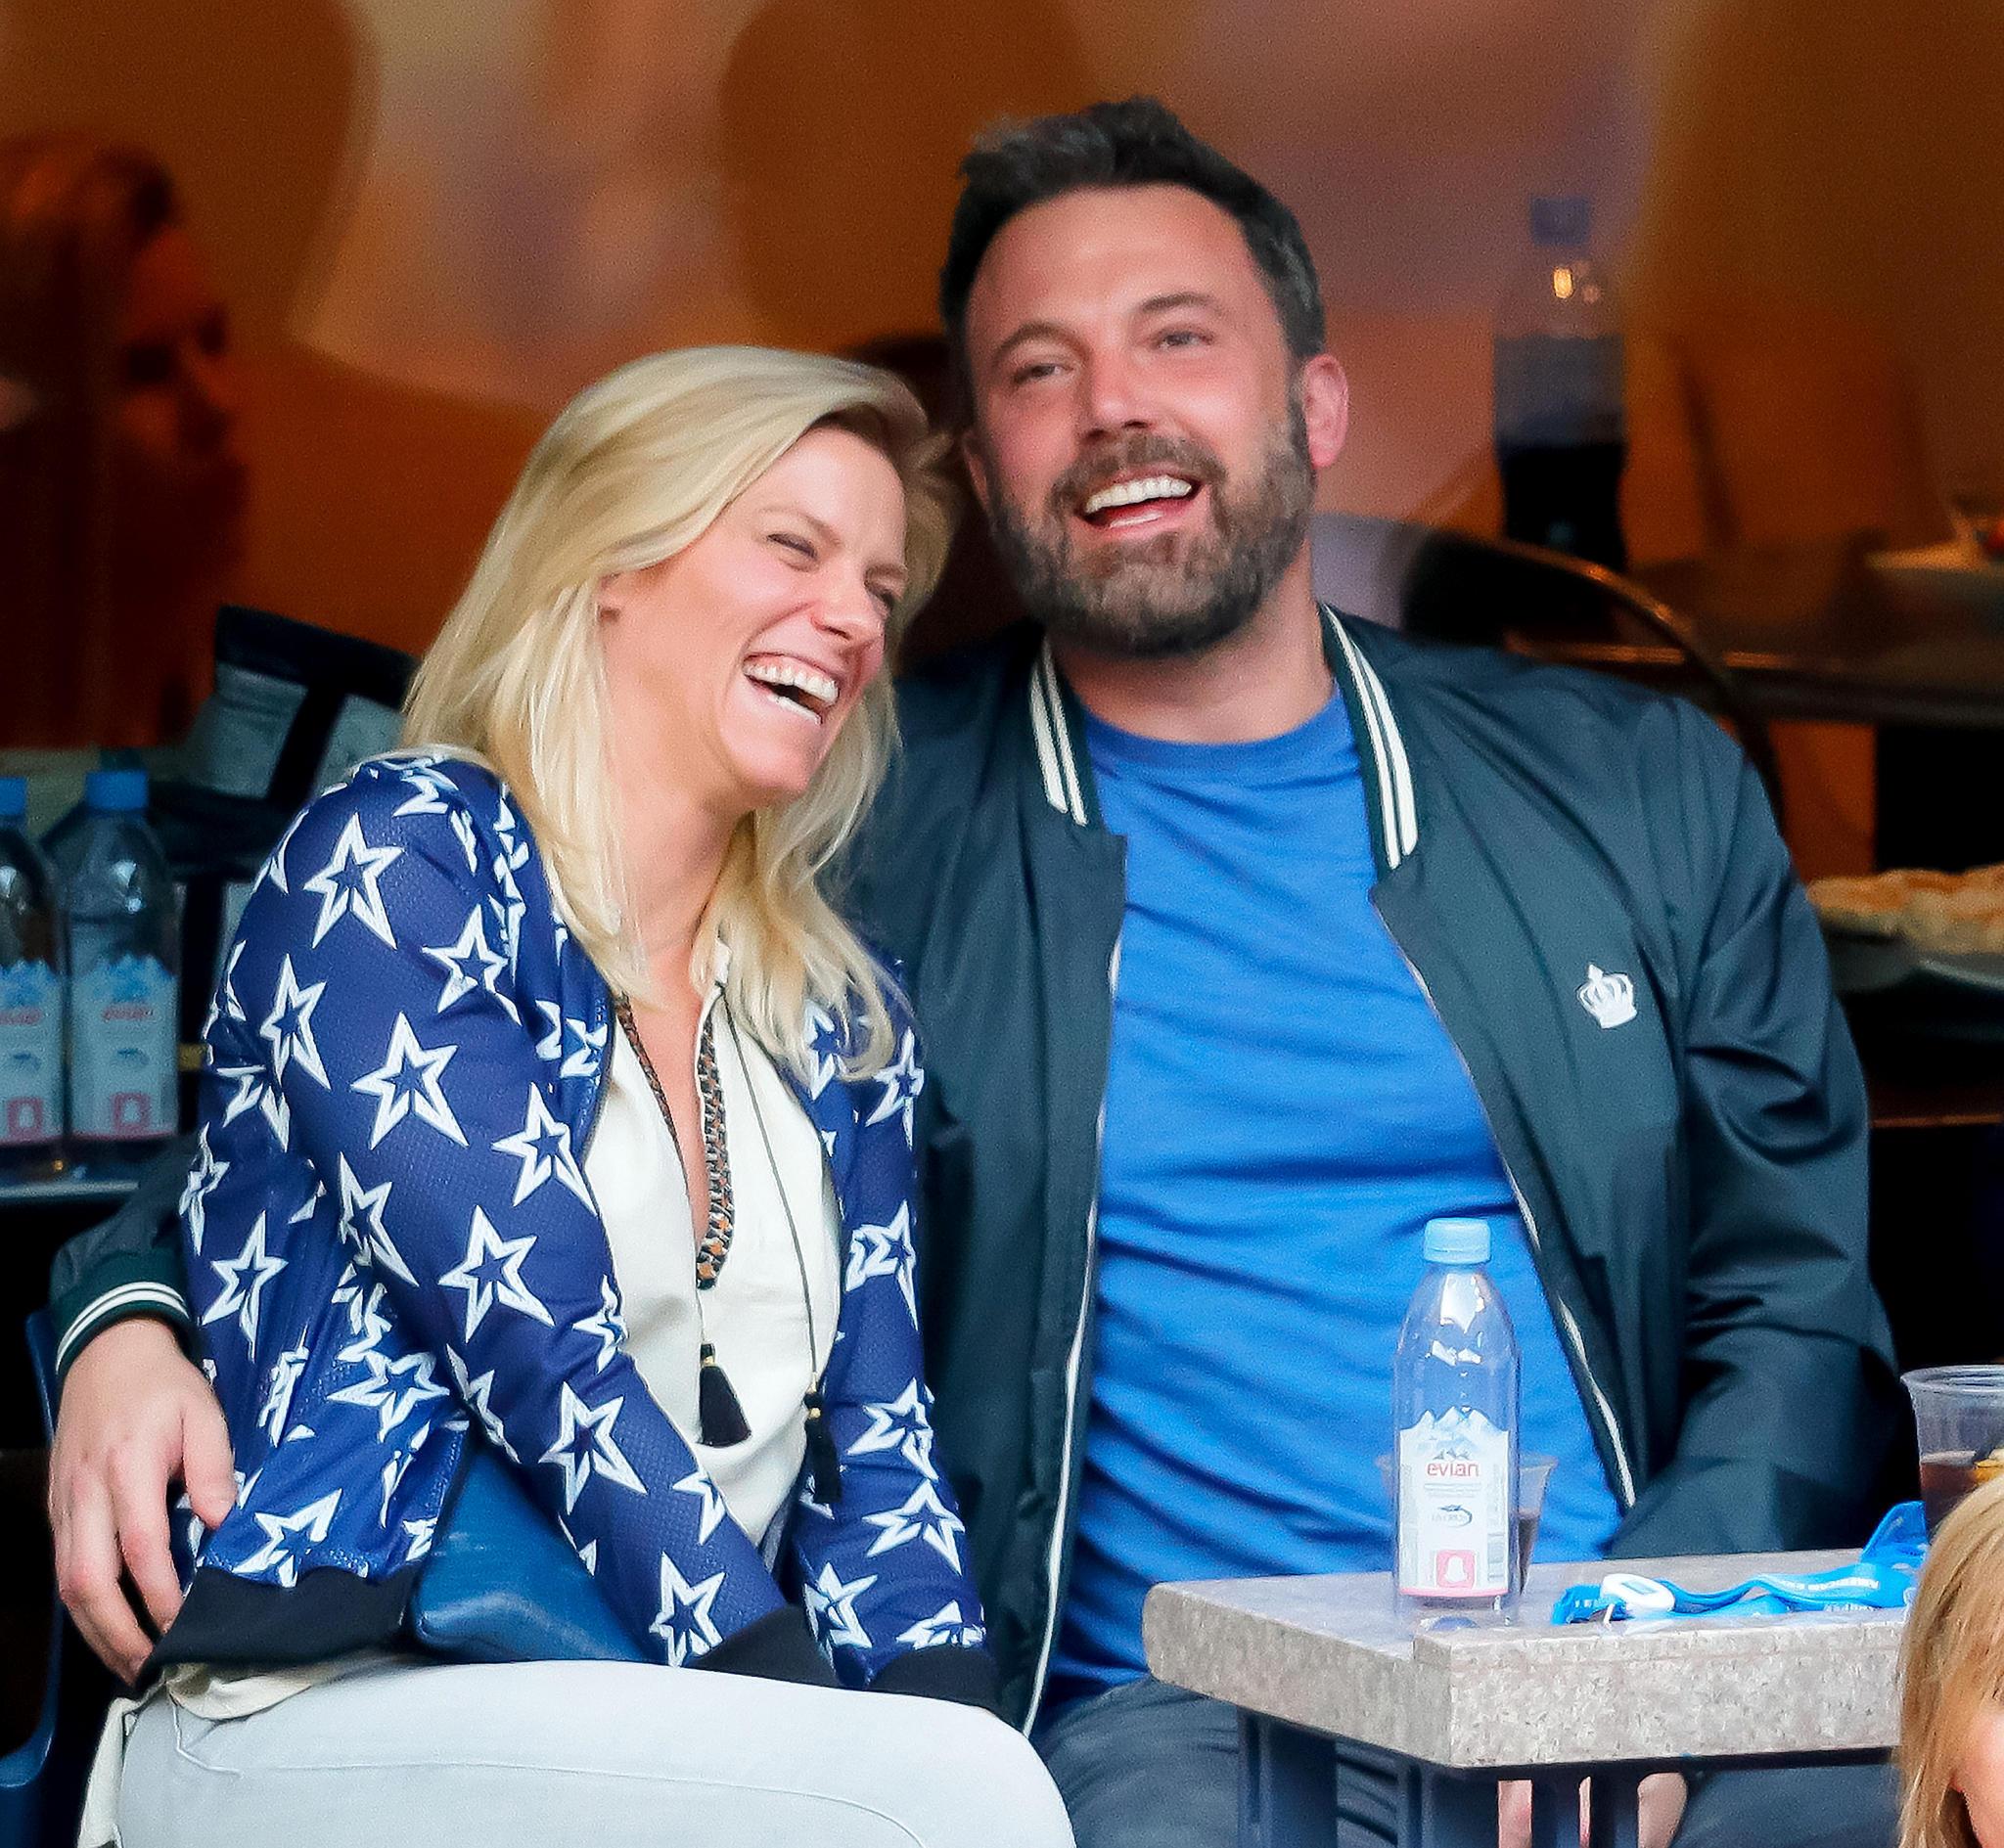 10. September 2017  Das sieht nach jeder Menge Spaß aus: Beim Finale der US-Open zeigen sich Lindsay Shookus und Ben Affleck in ausgelassener Stimmung.